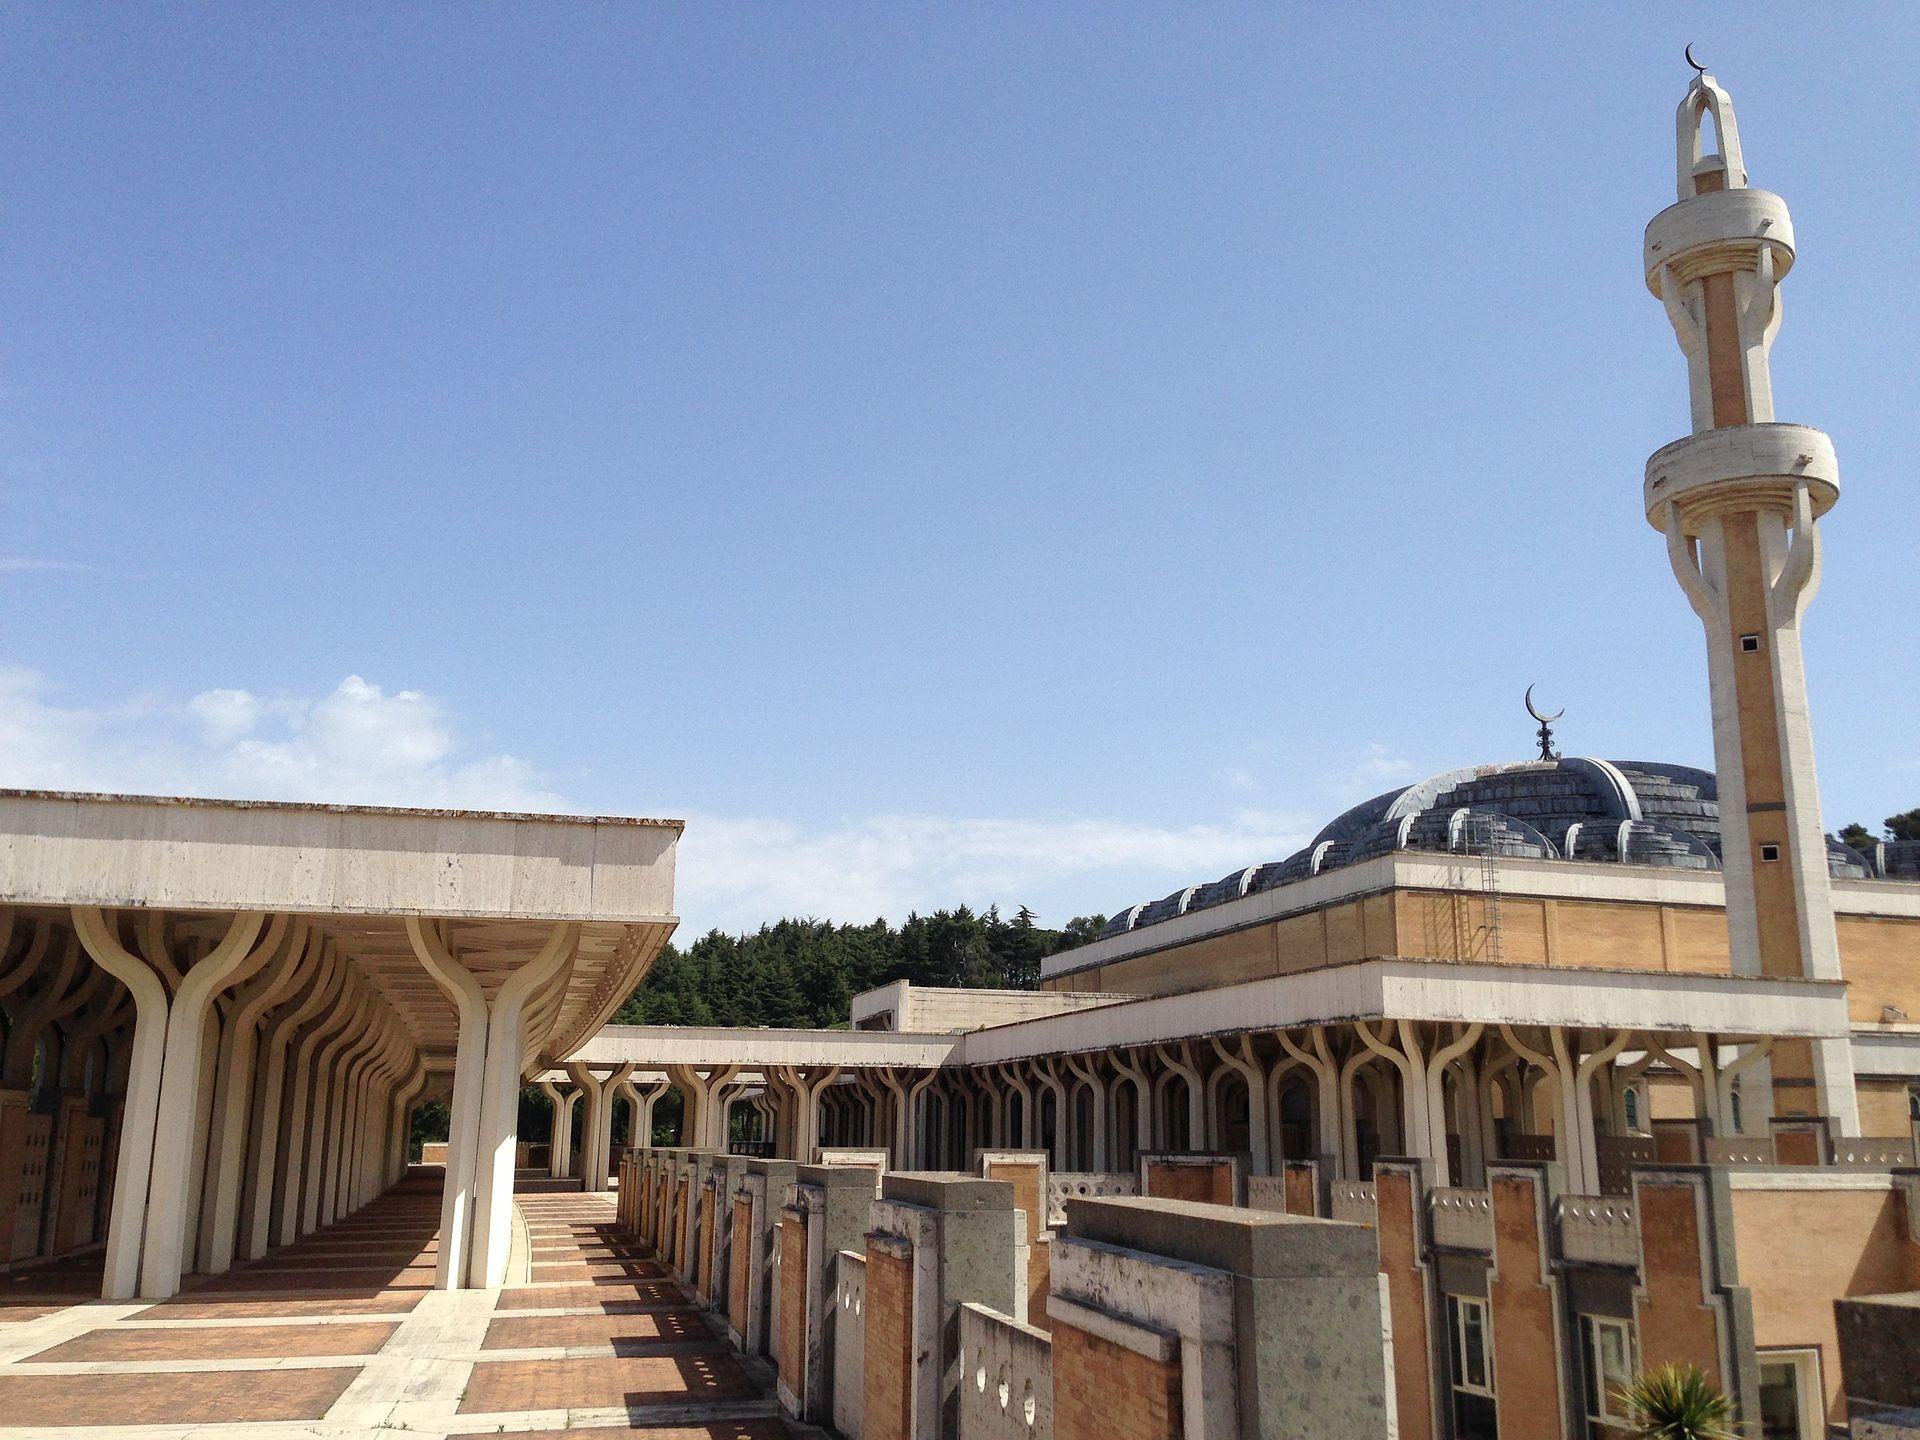 Moschea di roma wikipedia - La finestra di fronte roma ...